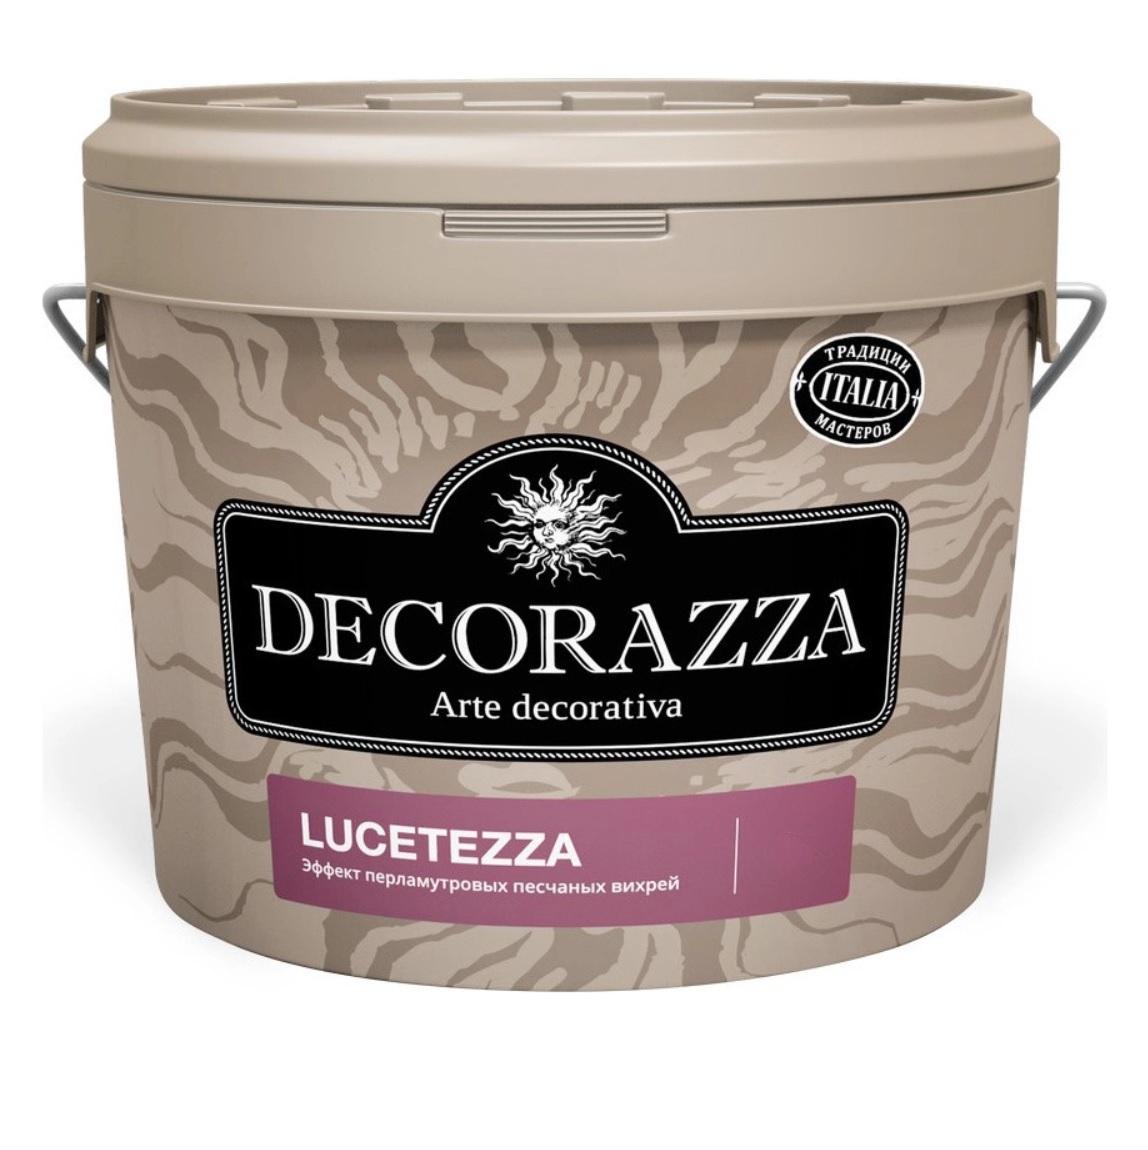 Декоративная краска Decorazza lucetezza база aluminium 5.0кг